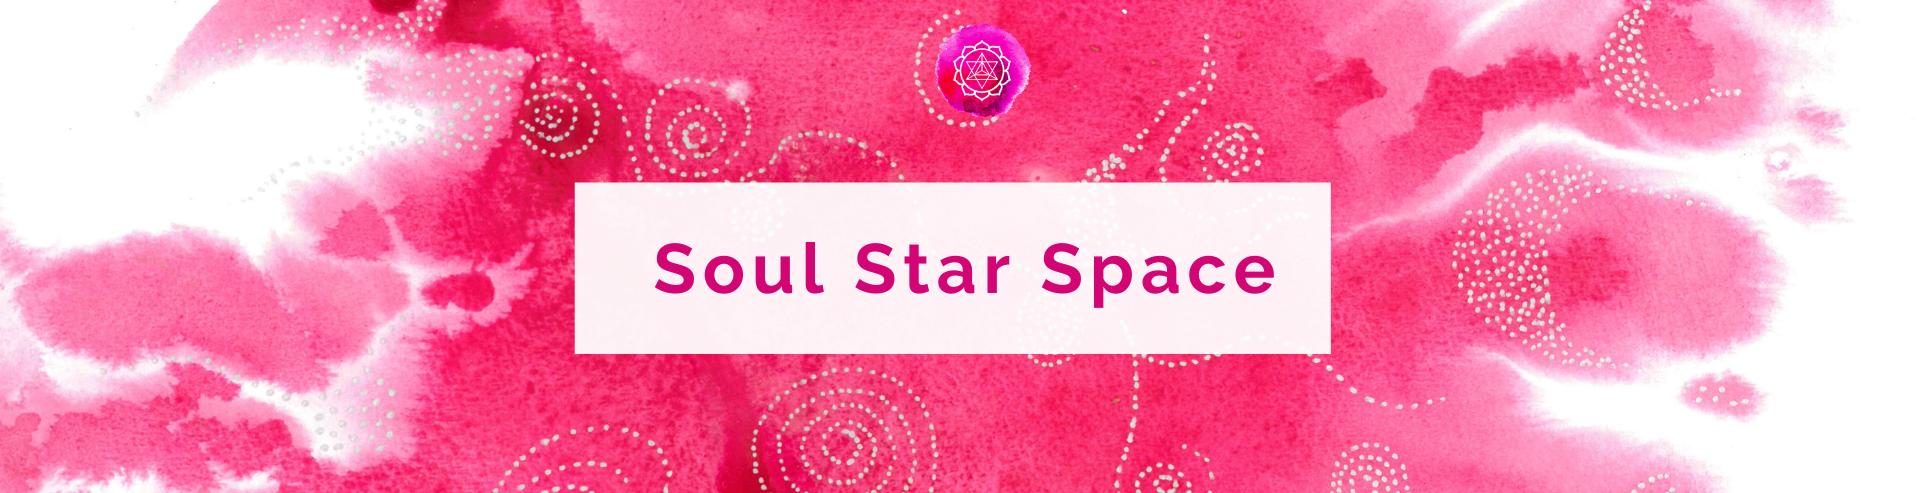 Soul Star space – web